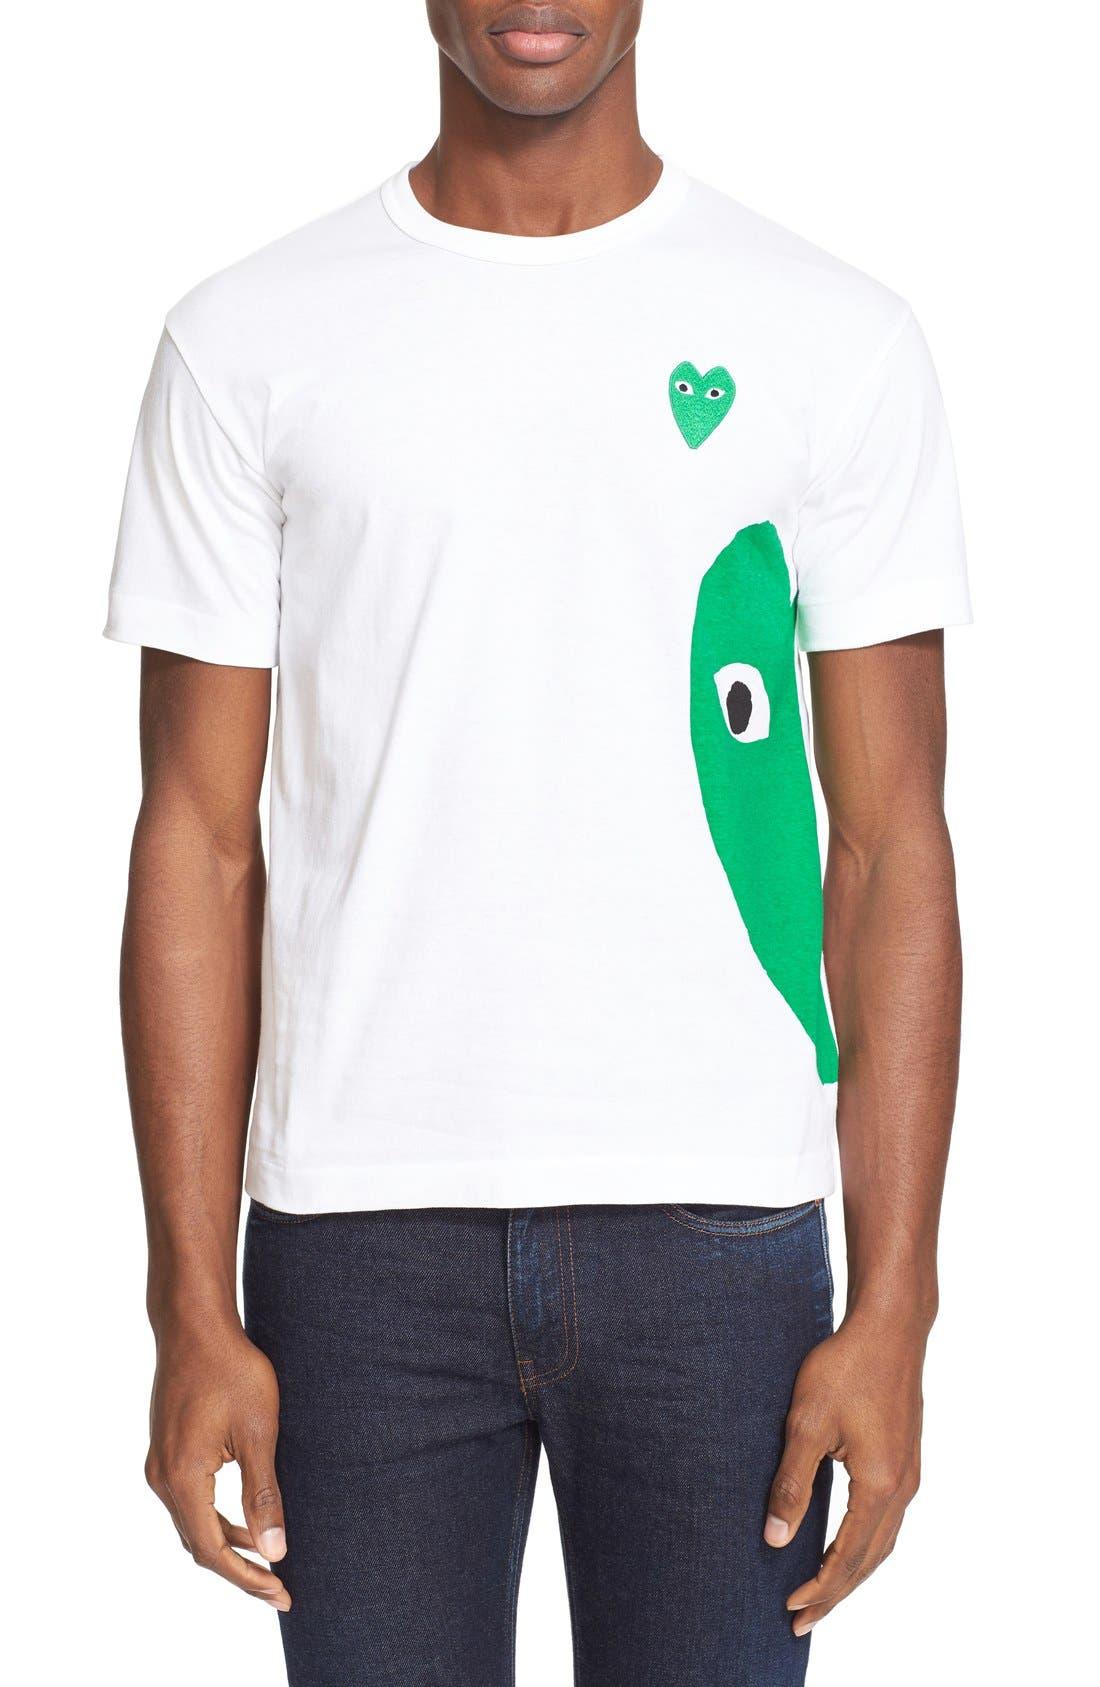 COMME DES GARÇONS PLAY Graphic T-Shirt with Heart Appliqué, Main, color, WHITE